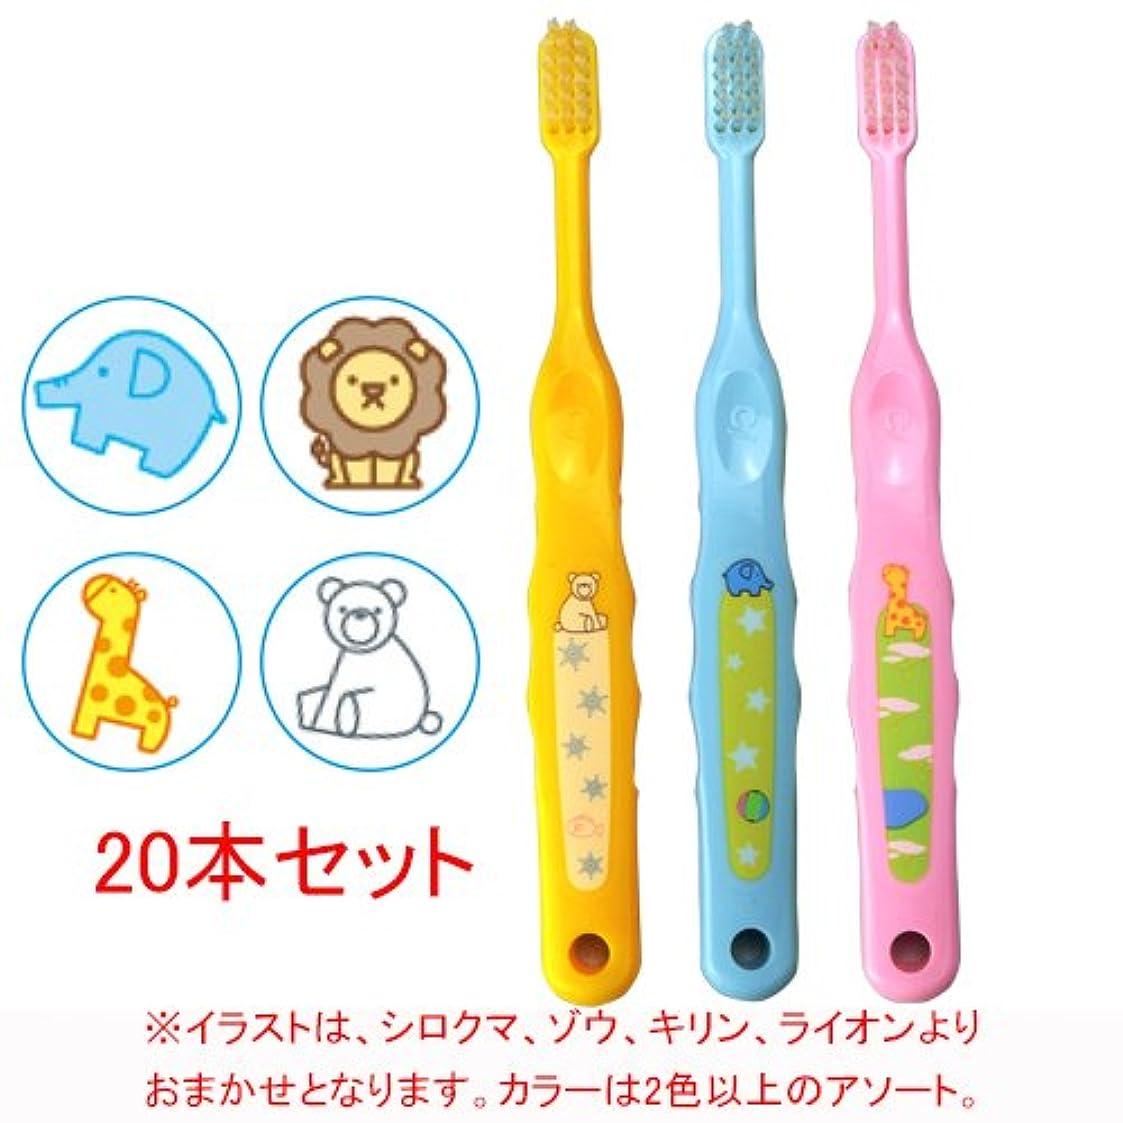 お世話になった成熟暖かさCiメディカル Ci なまえ歯ブラシ 502 (ふつう) (乳児~小学生向)×20本